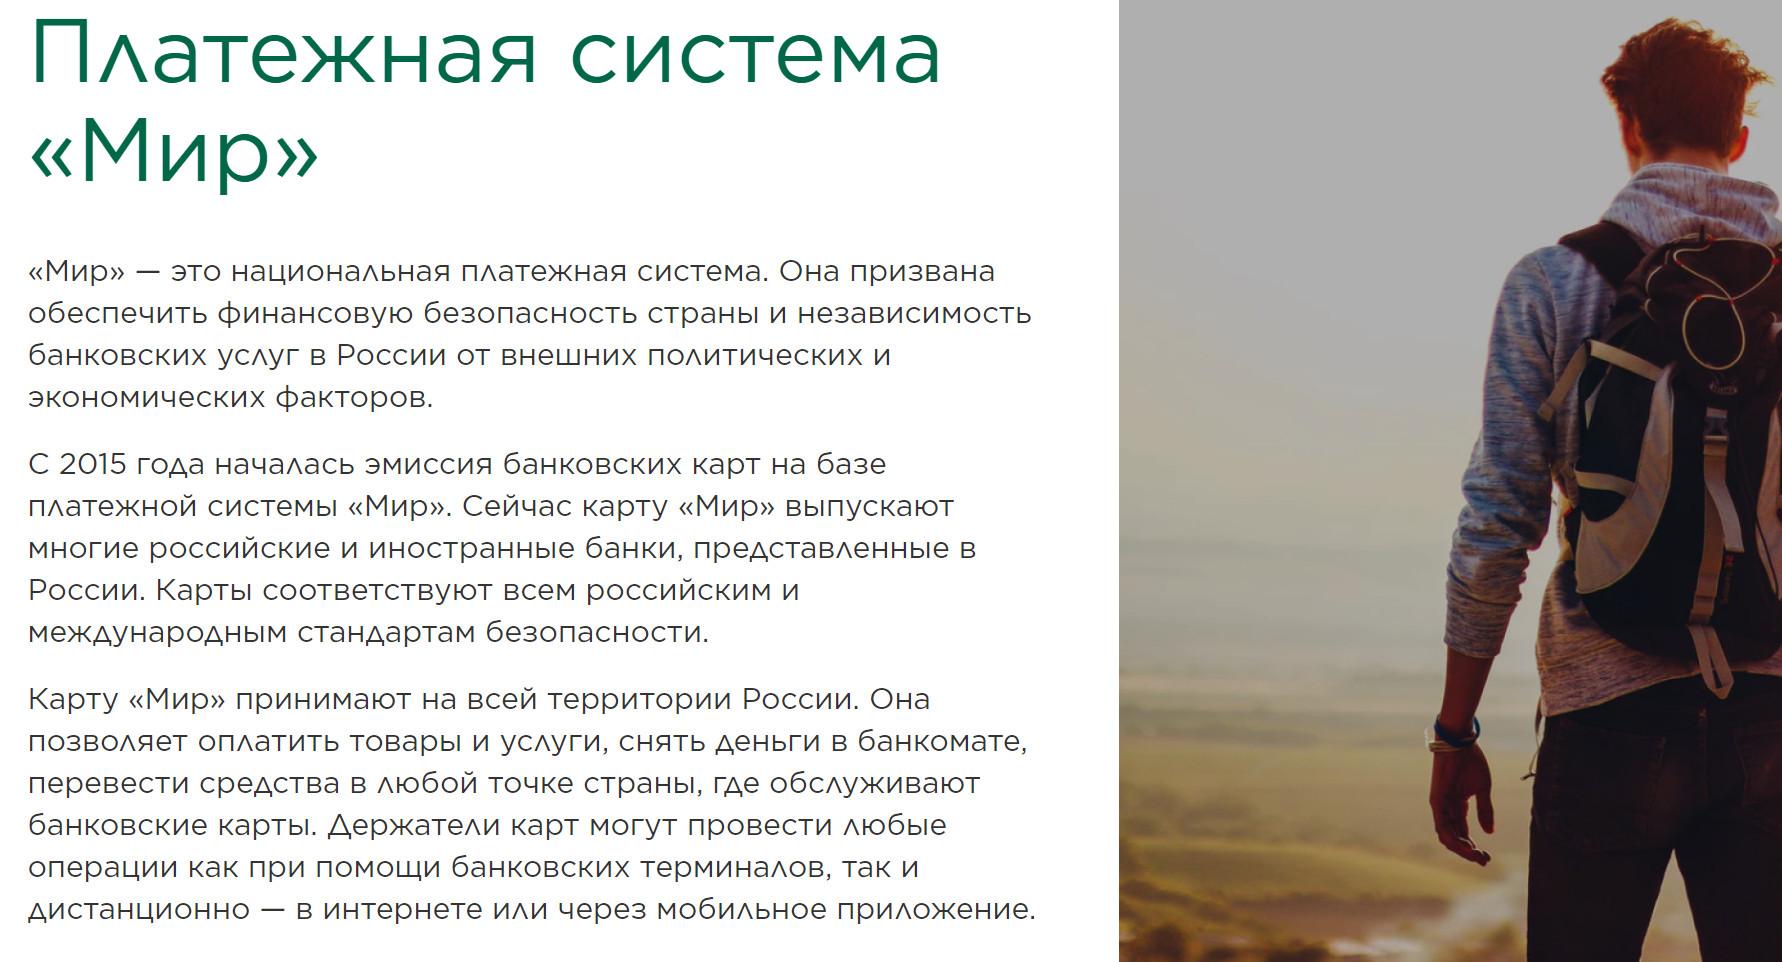 """Особенности оформления карты """"МИР"""" Тинькофф банка"""